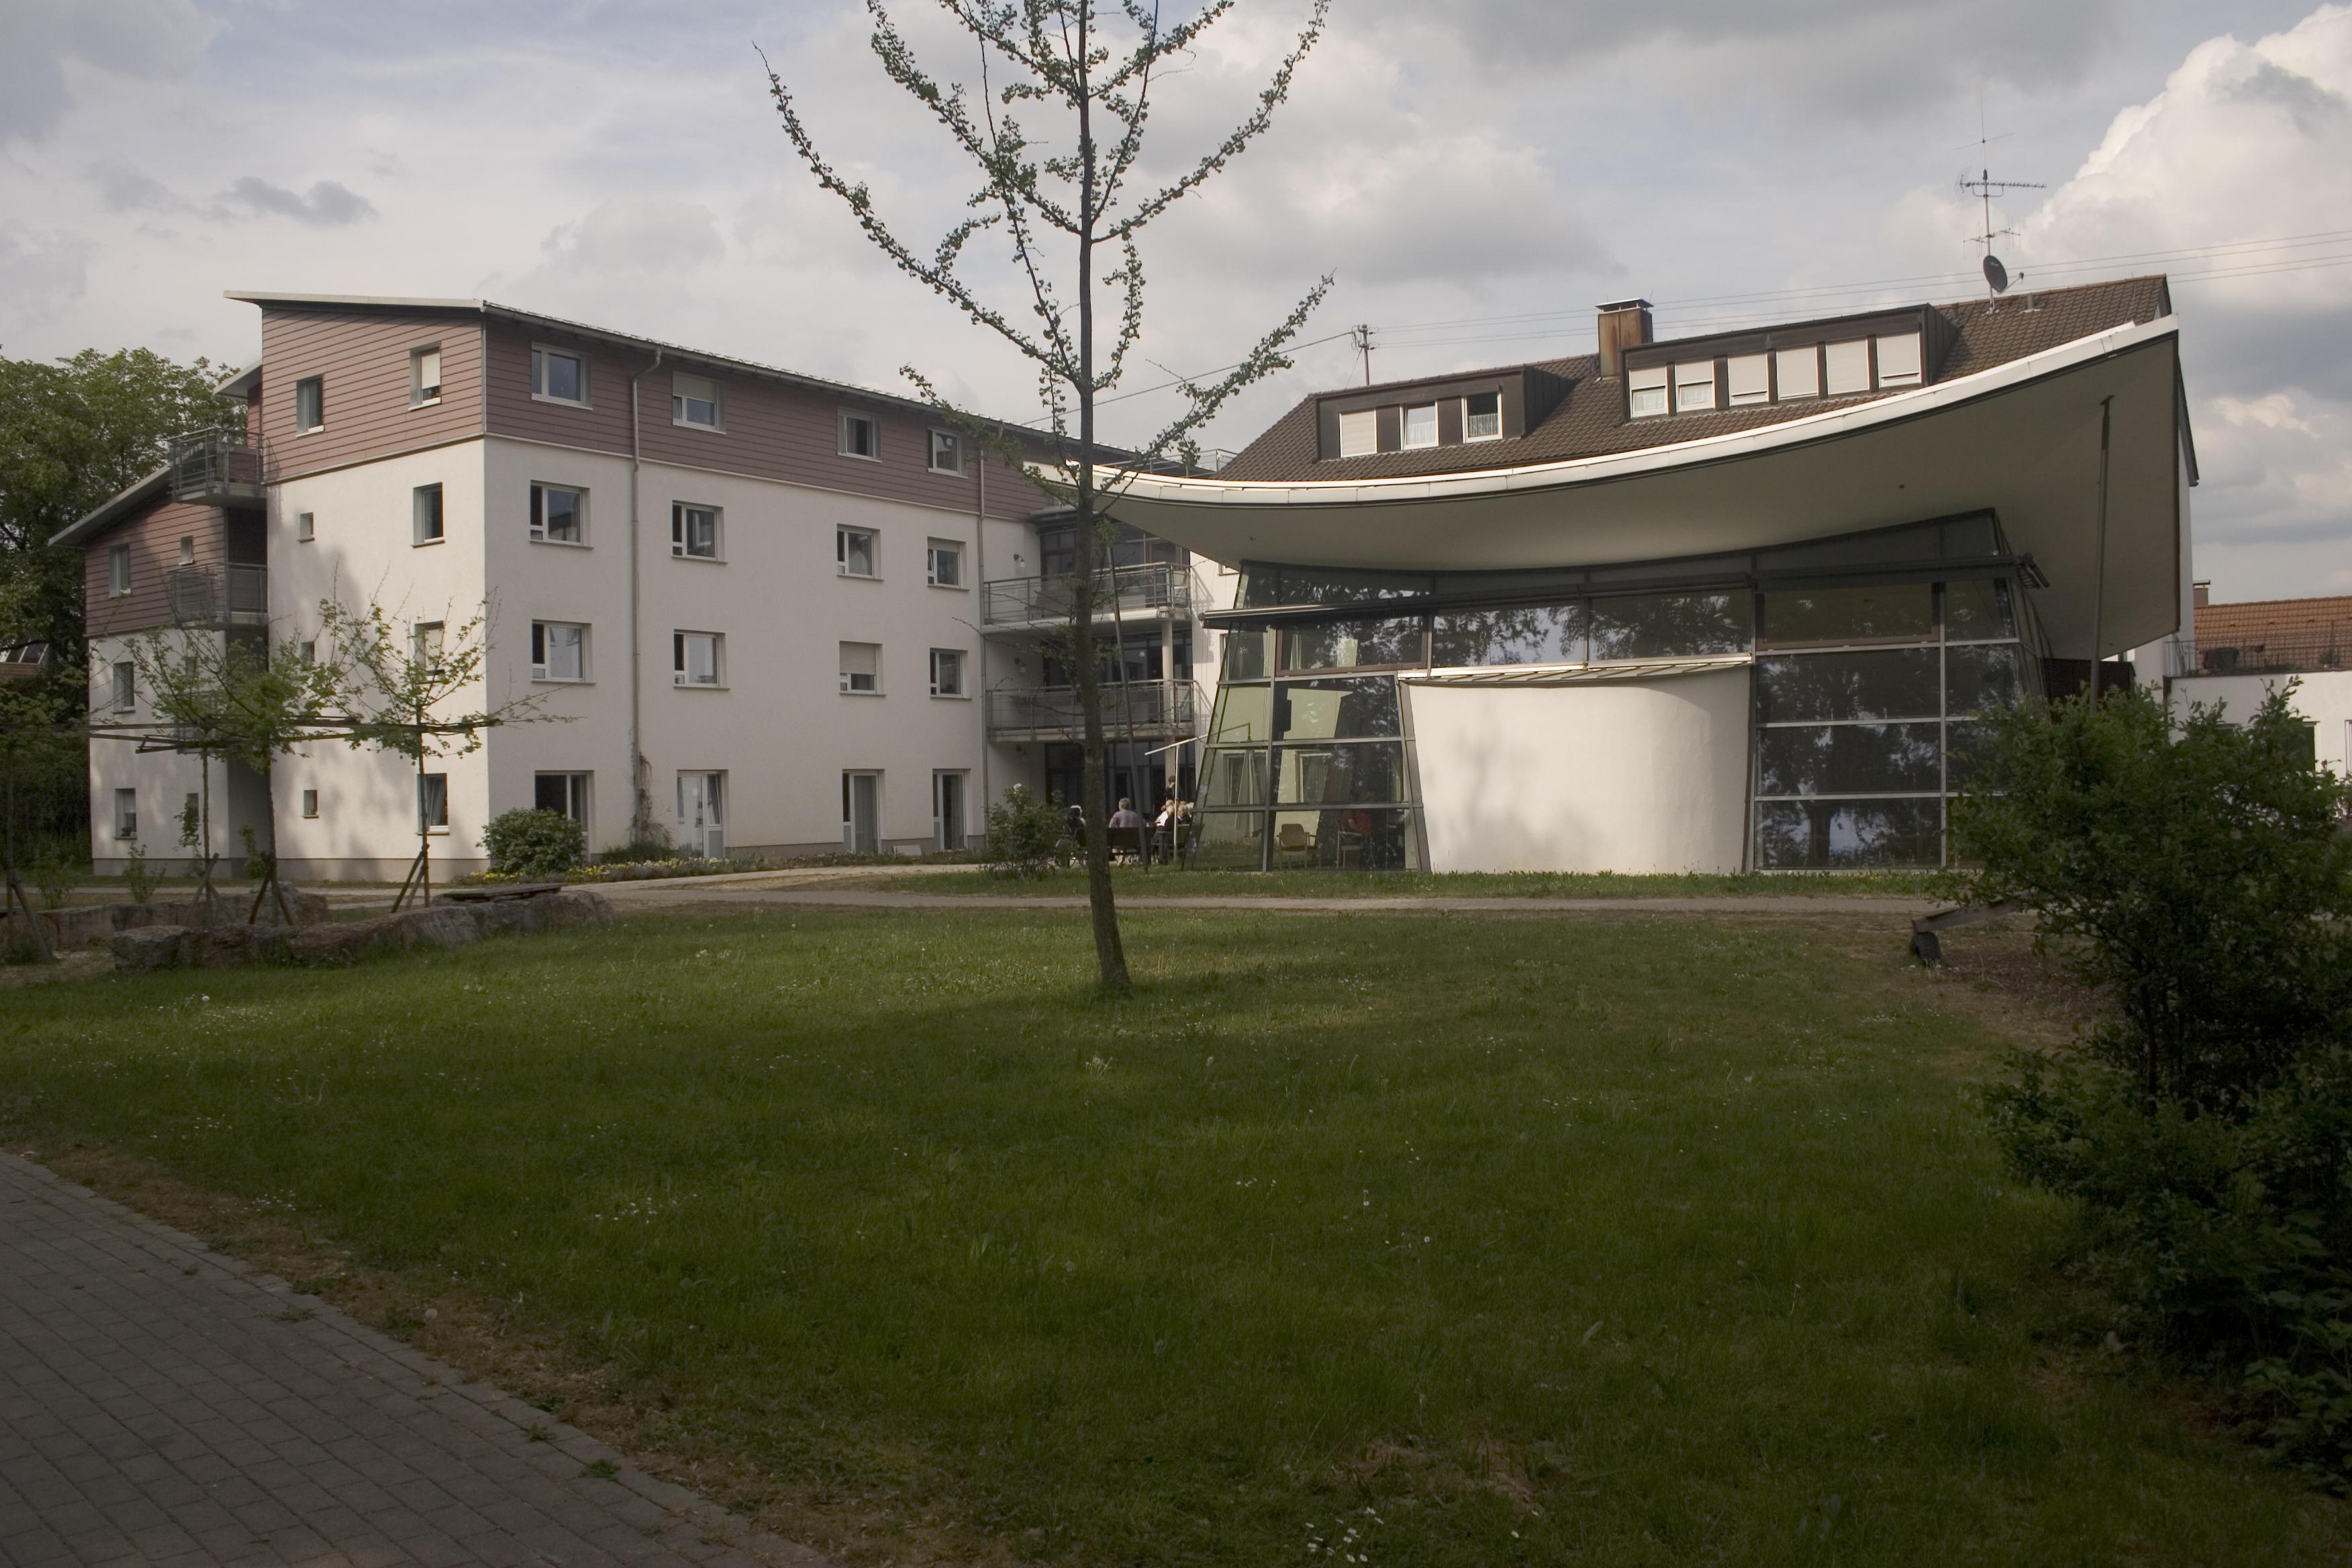 Alten- und Pflegeheim Schönblick